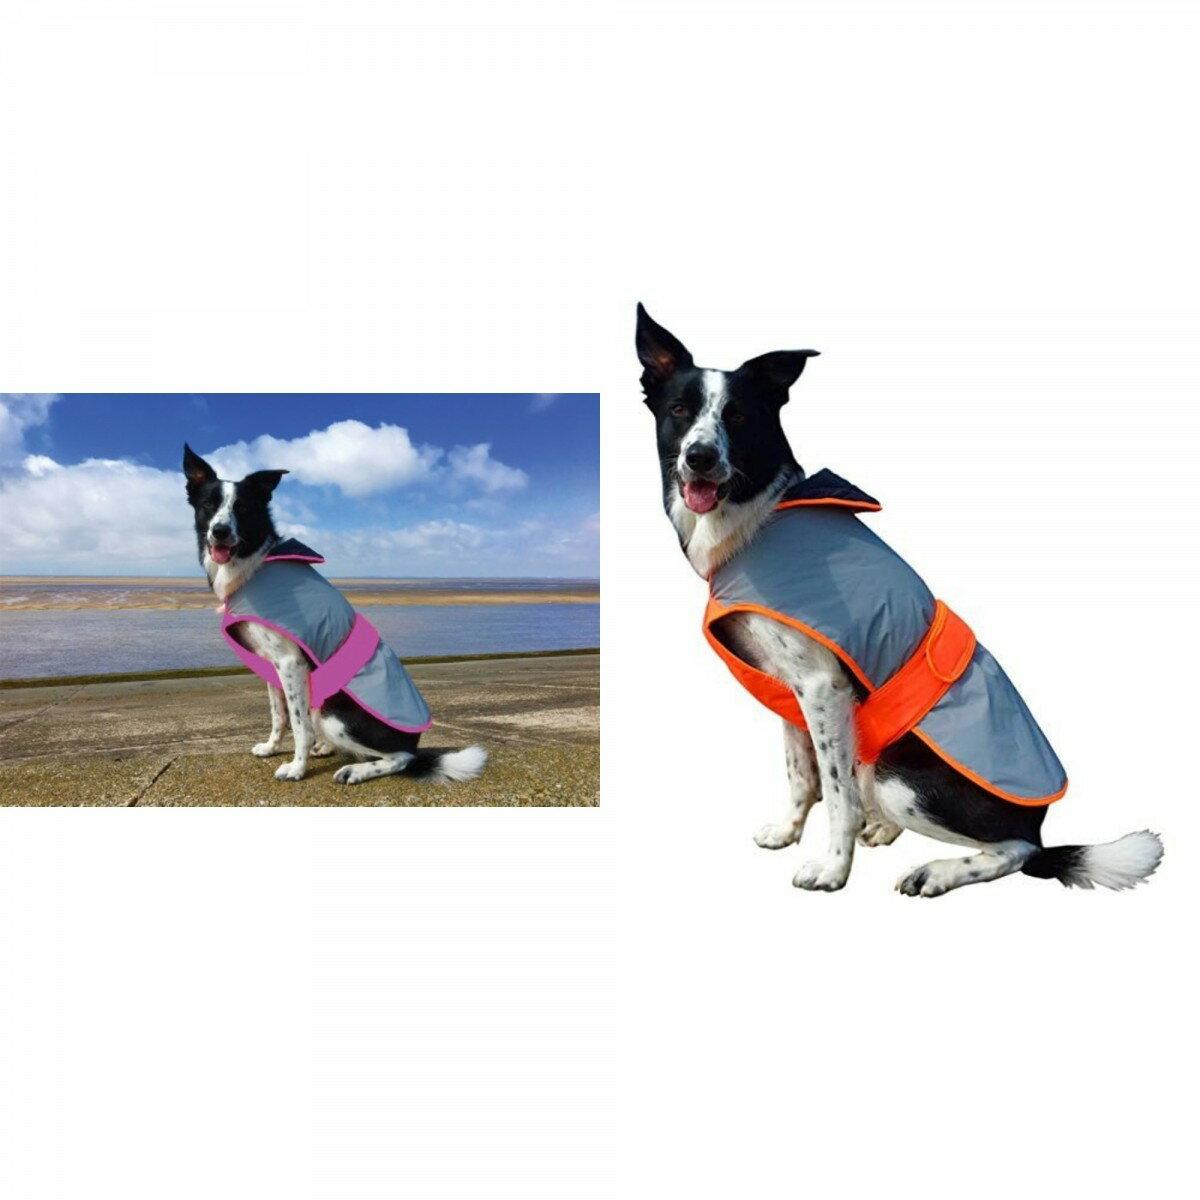 (エクイセーフティー) Equisafety ワンちゃん用 マーキュリー ドッグコート 犬用 防水 反射 ジャケット ペット用品 【楽天海外直送】